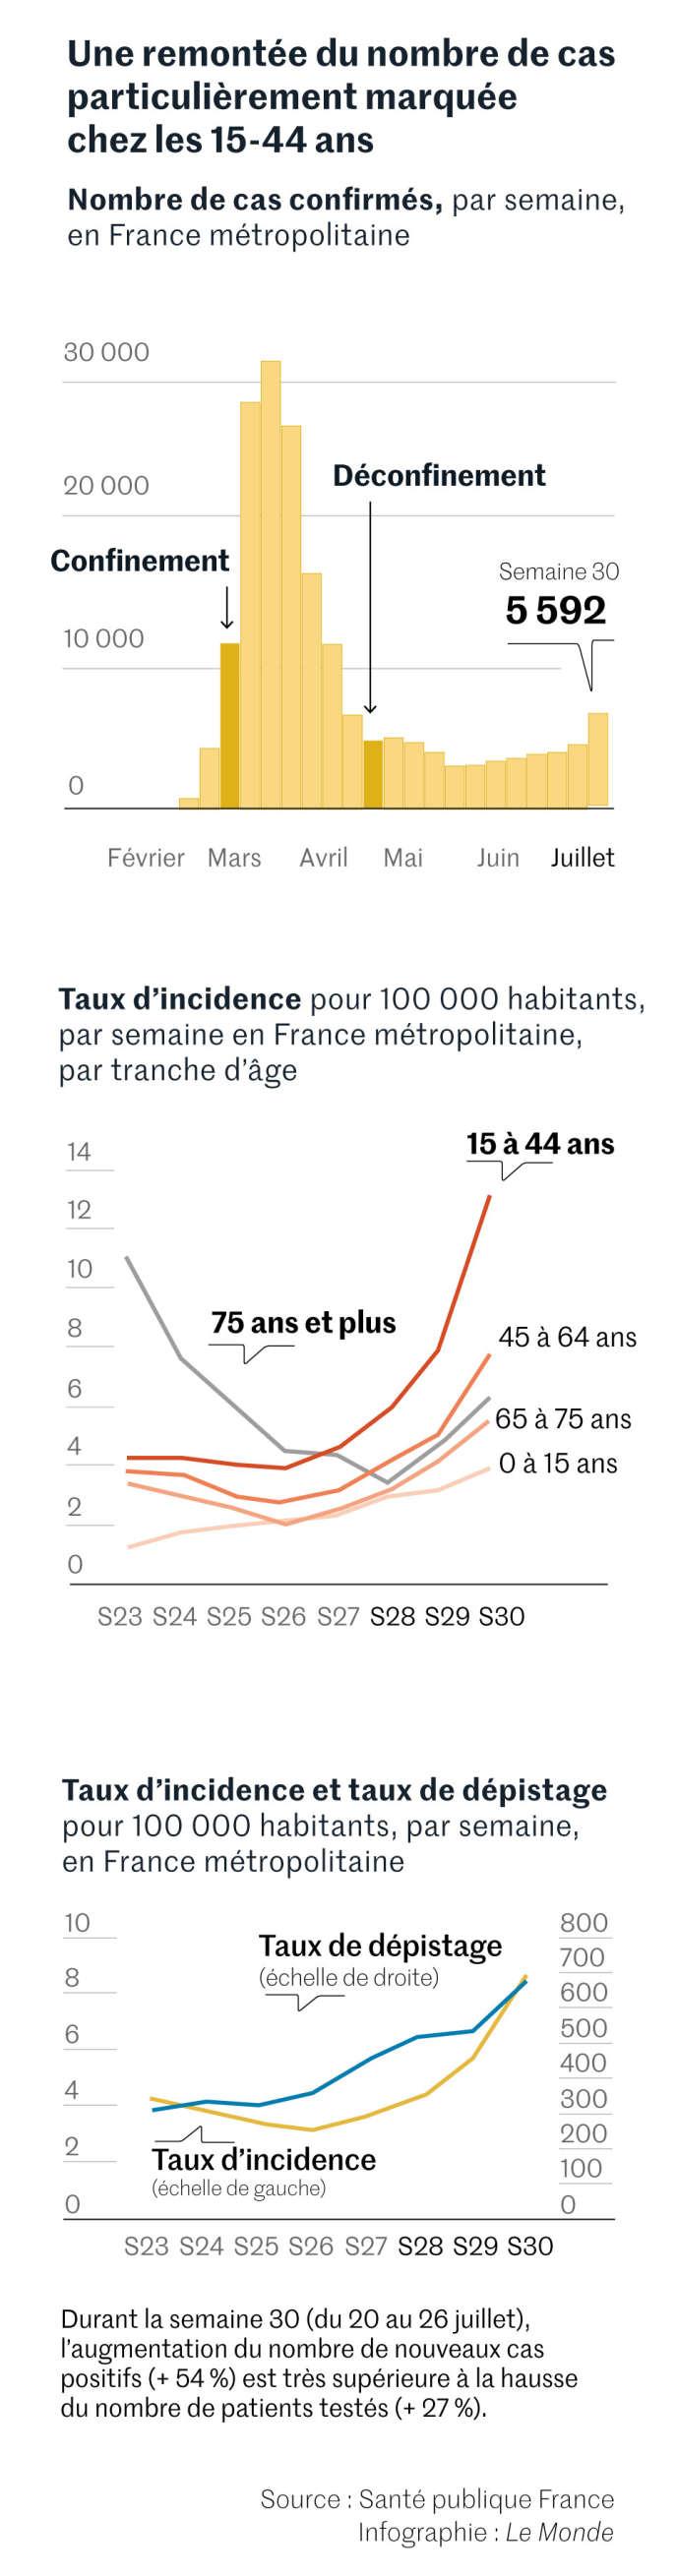 Nombre de cas de Covid19 et taux d'incidence en France métropolitaine